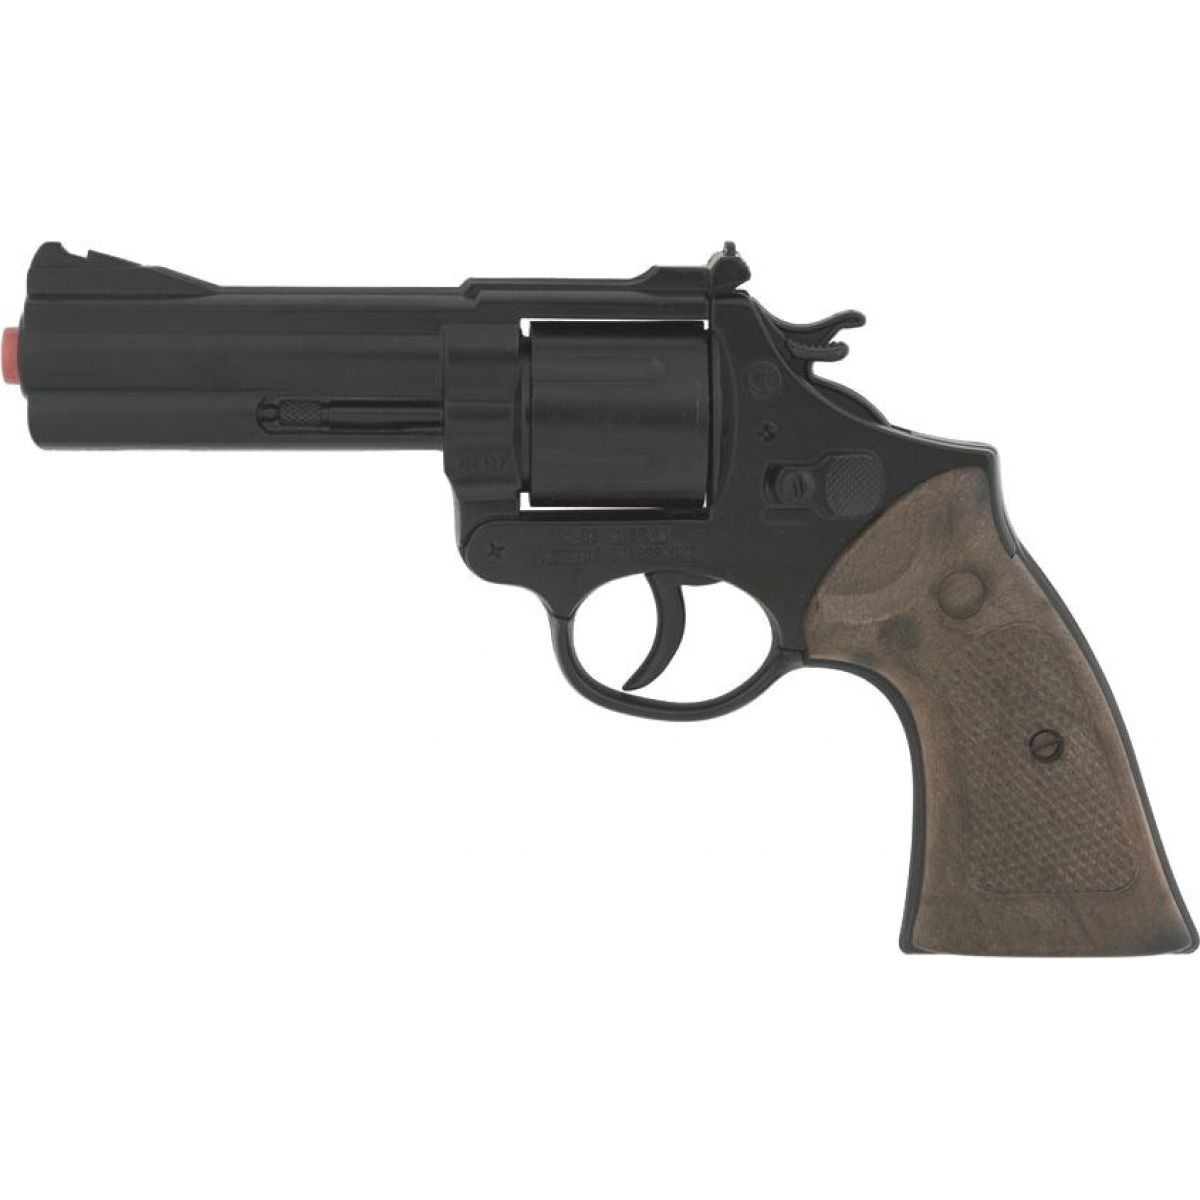 Alltoys Policejní revolver černý kovový 12 ran